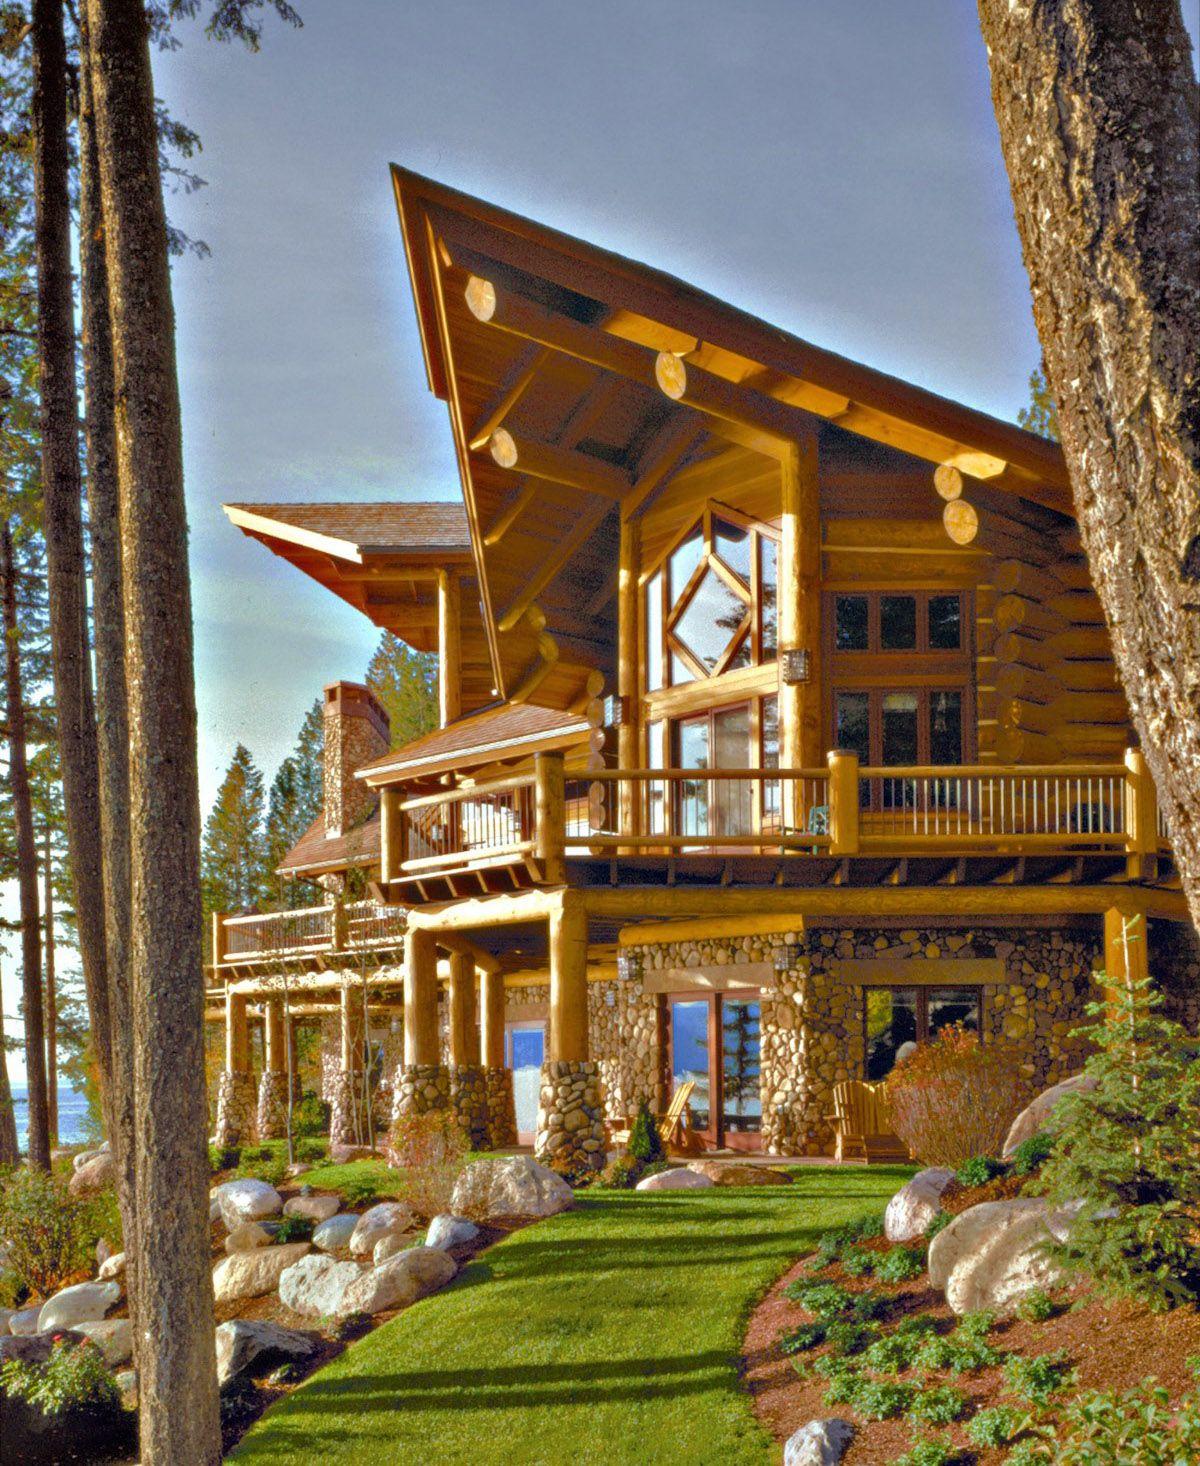 pioneer log homes lake home lnterior all interior design it 39 s arranging pinterest. Black Bedroom Furniture Sets. Home Design Ideas